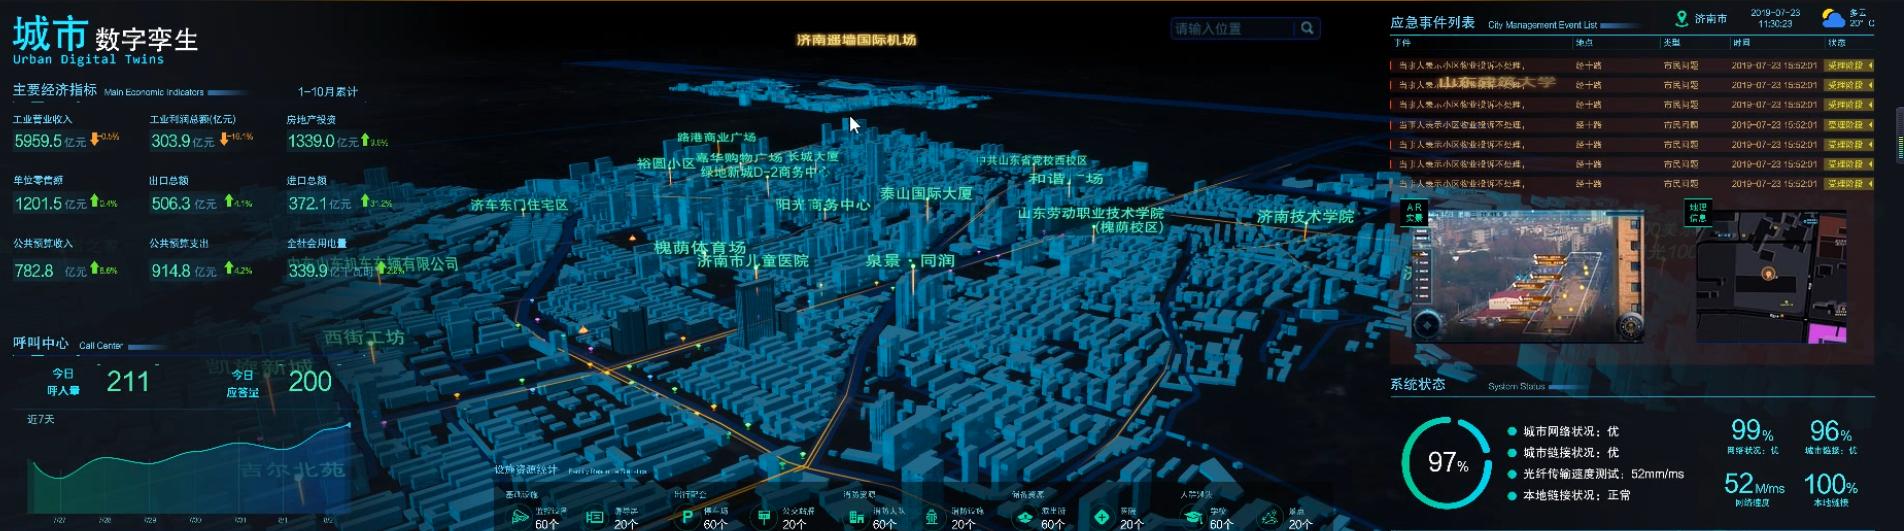 智慧城市建设的新起点:数字孪生城市